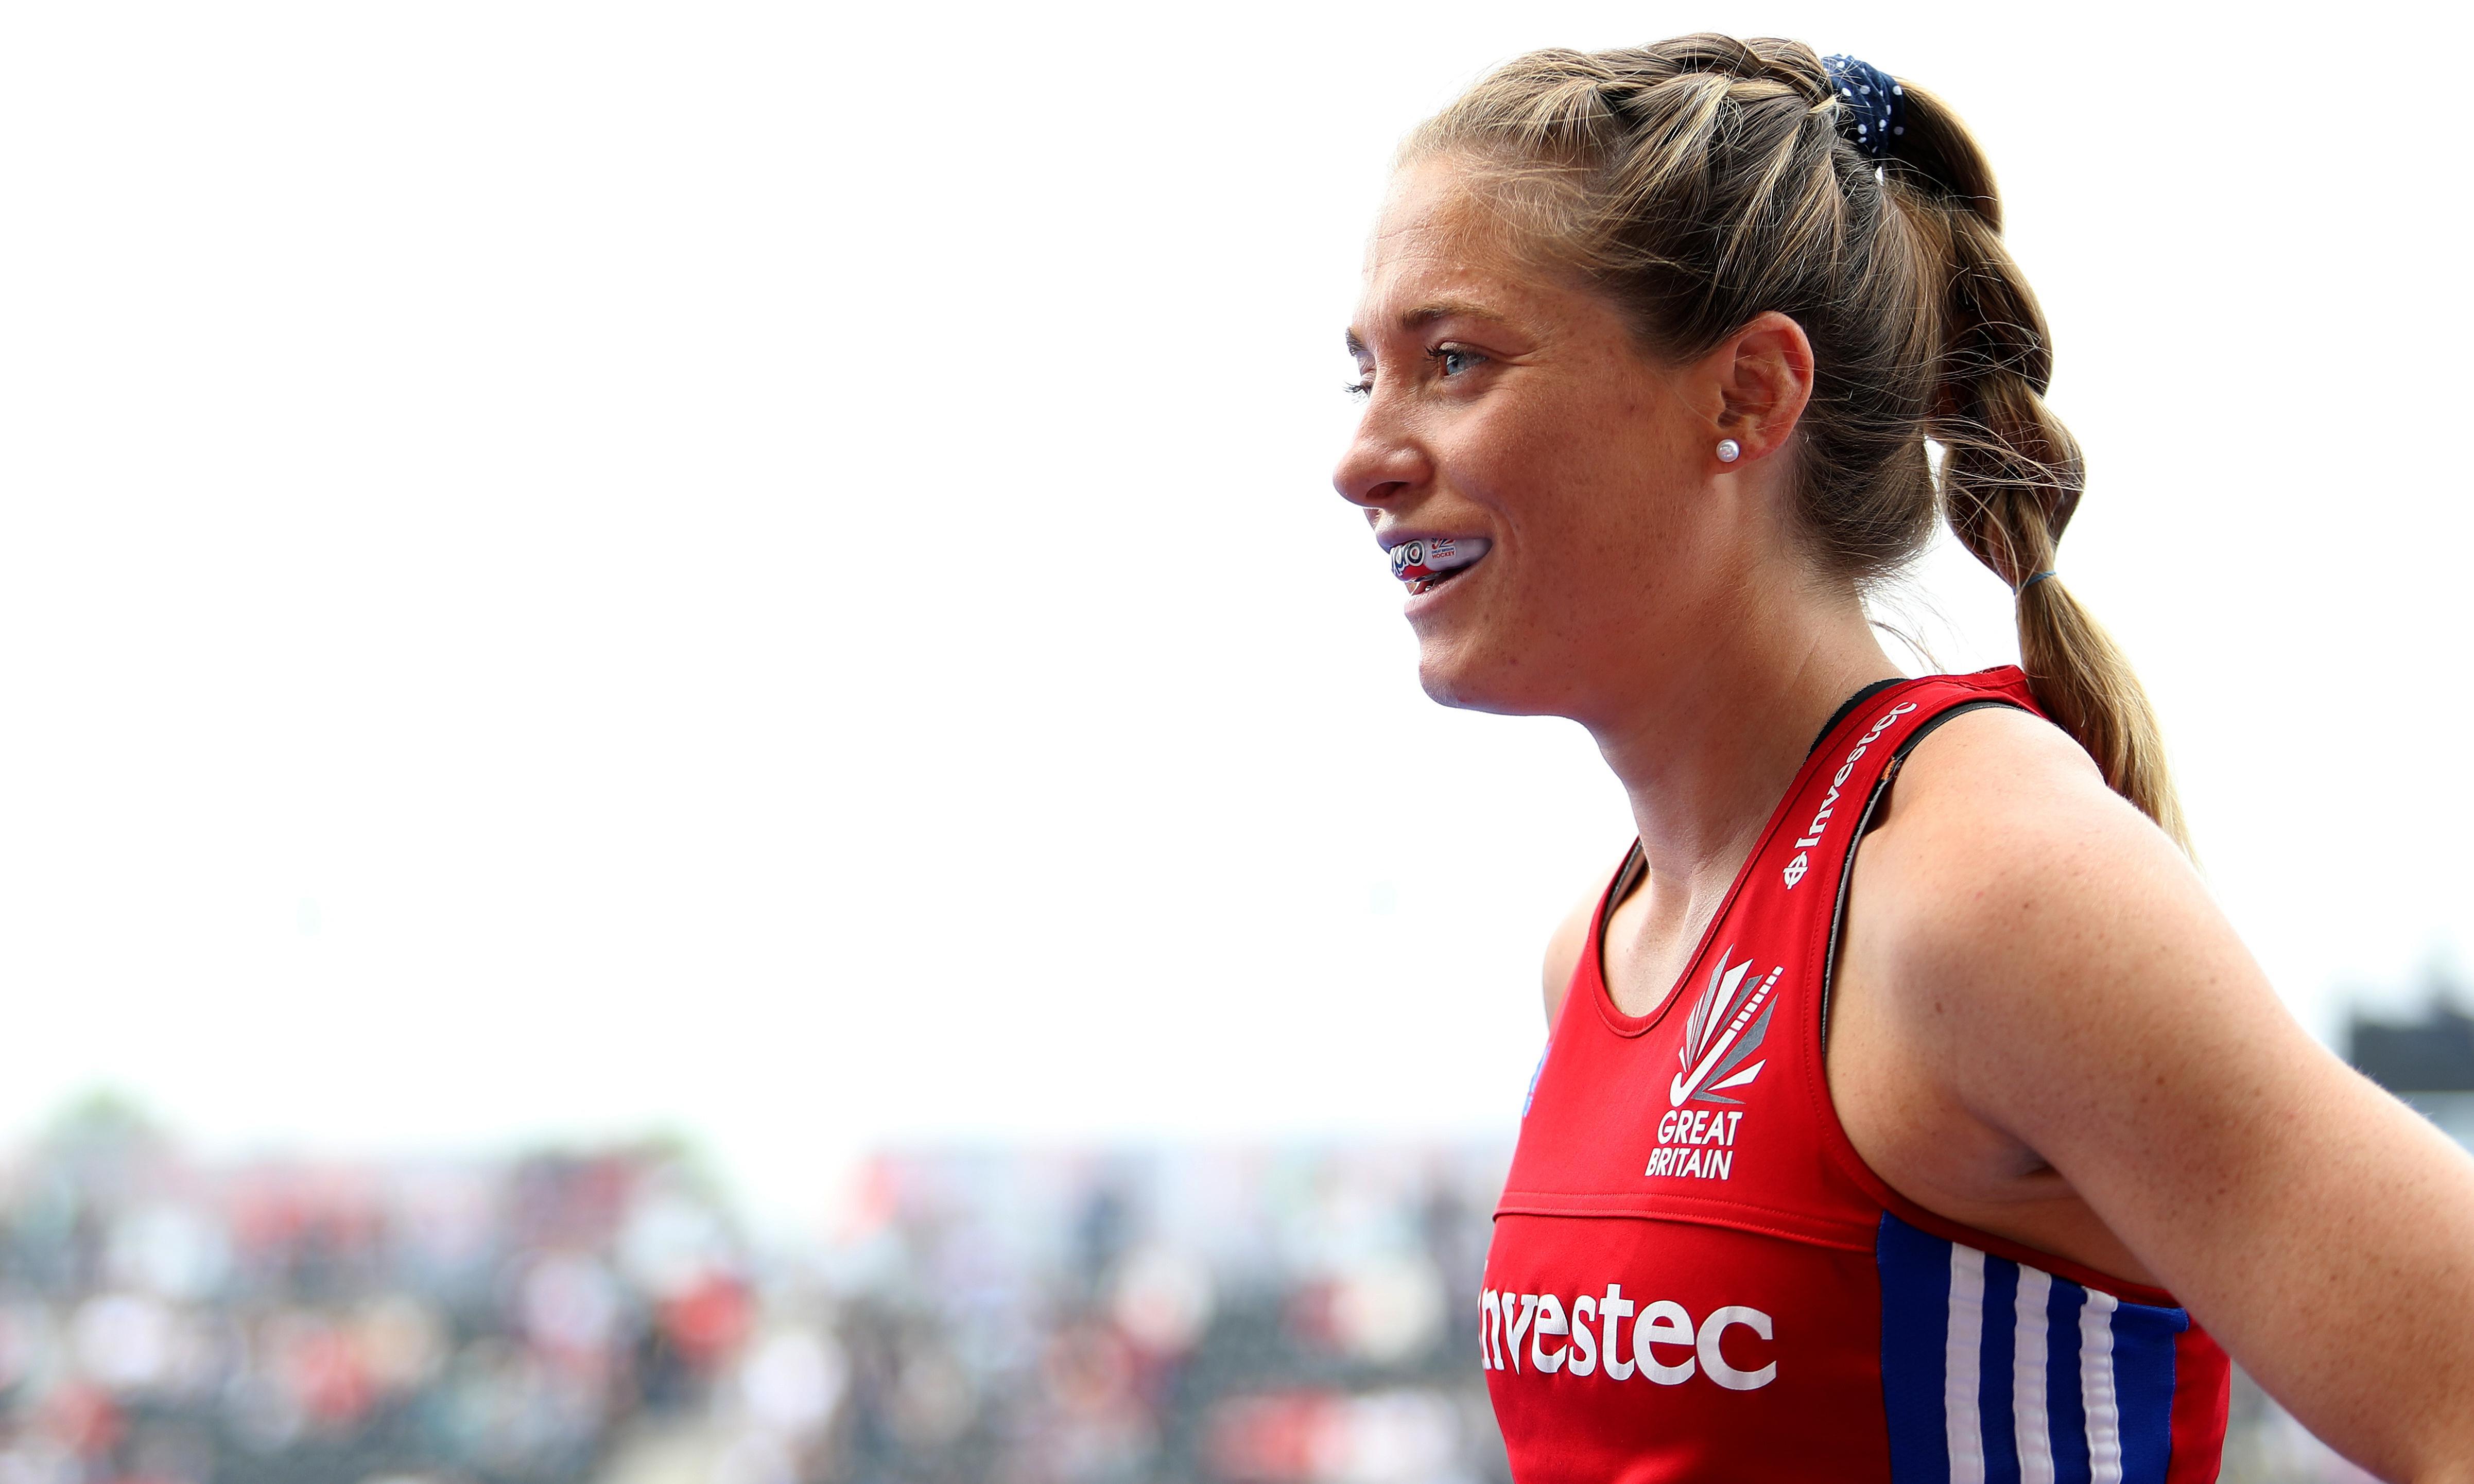 England's Suzy Petty hopes to help GB hockey team make it to Olympics